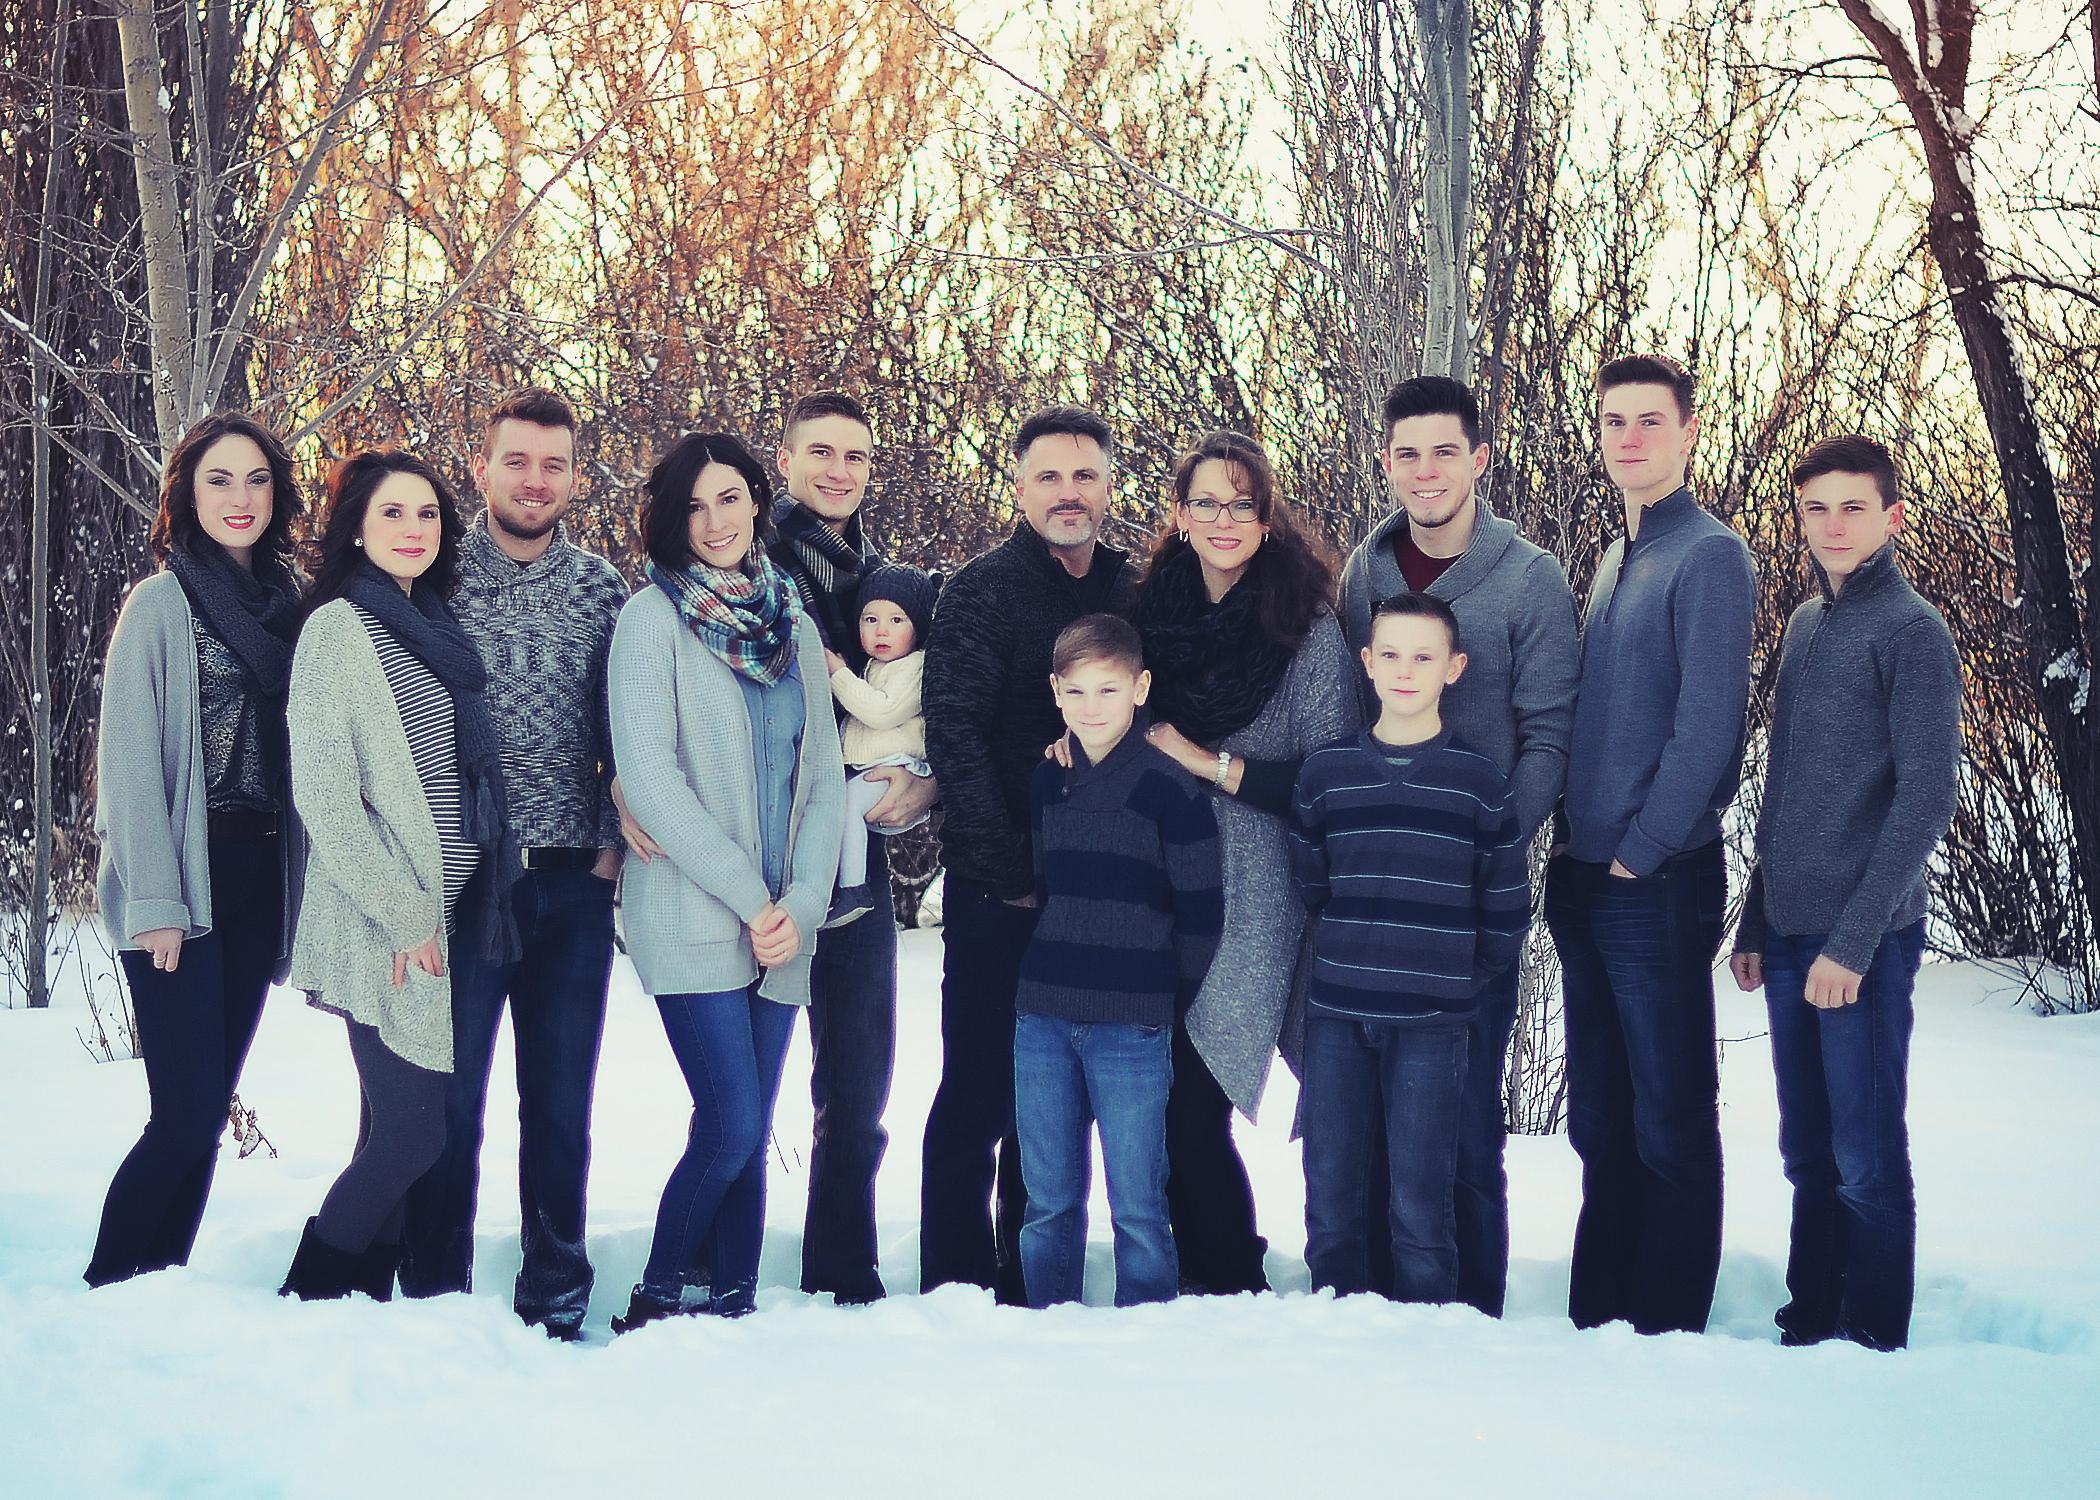 mallett-family-2017crpd.jpg